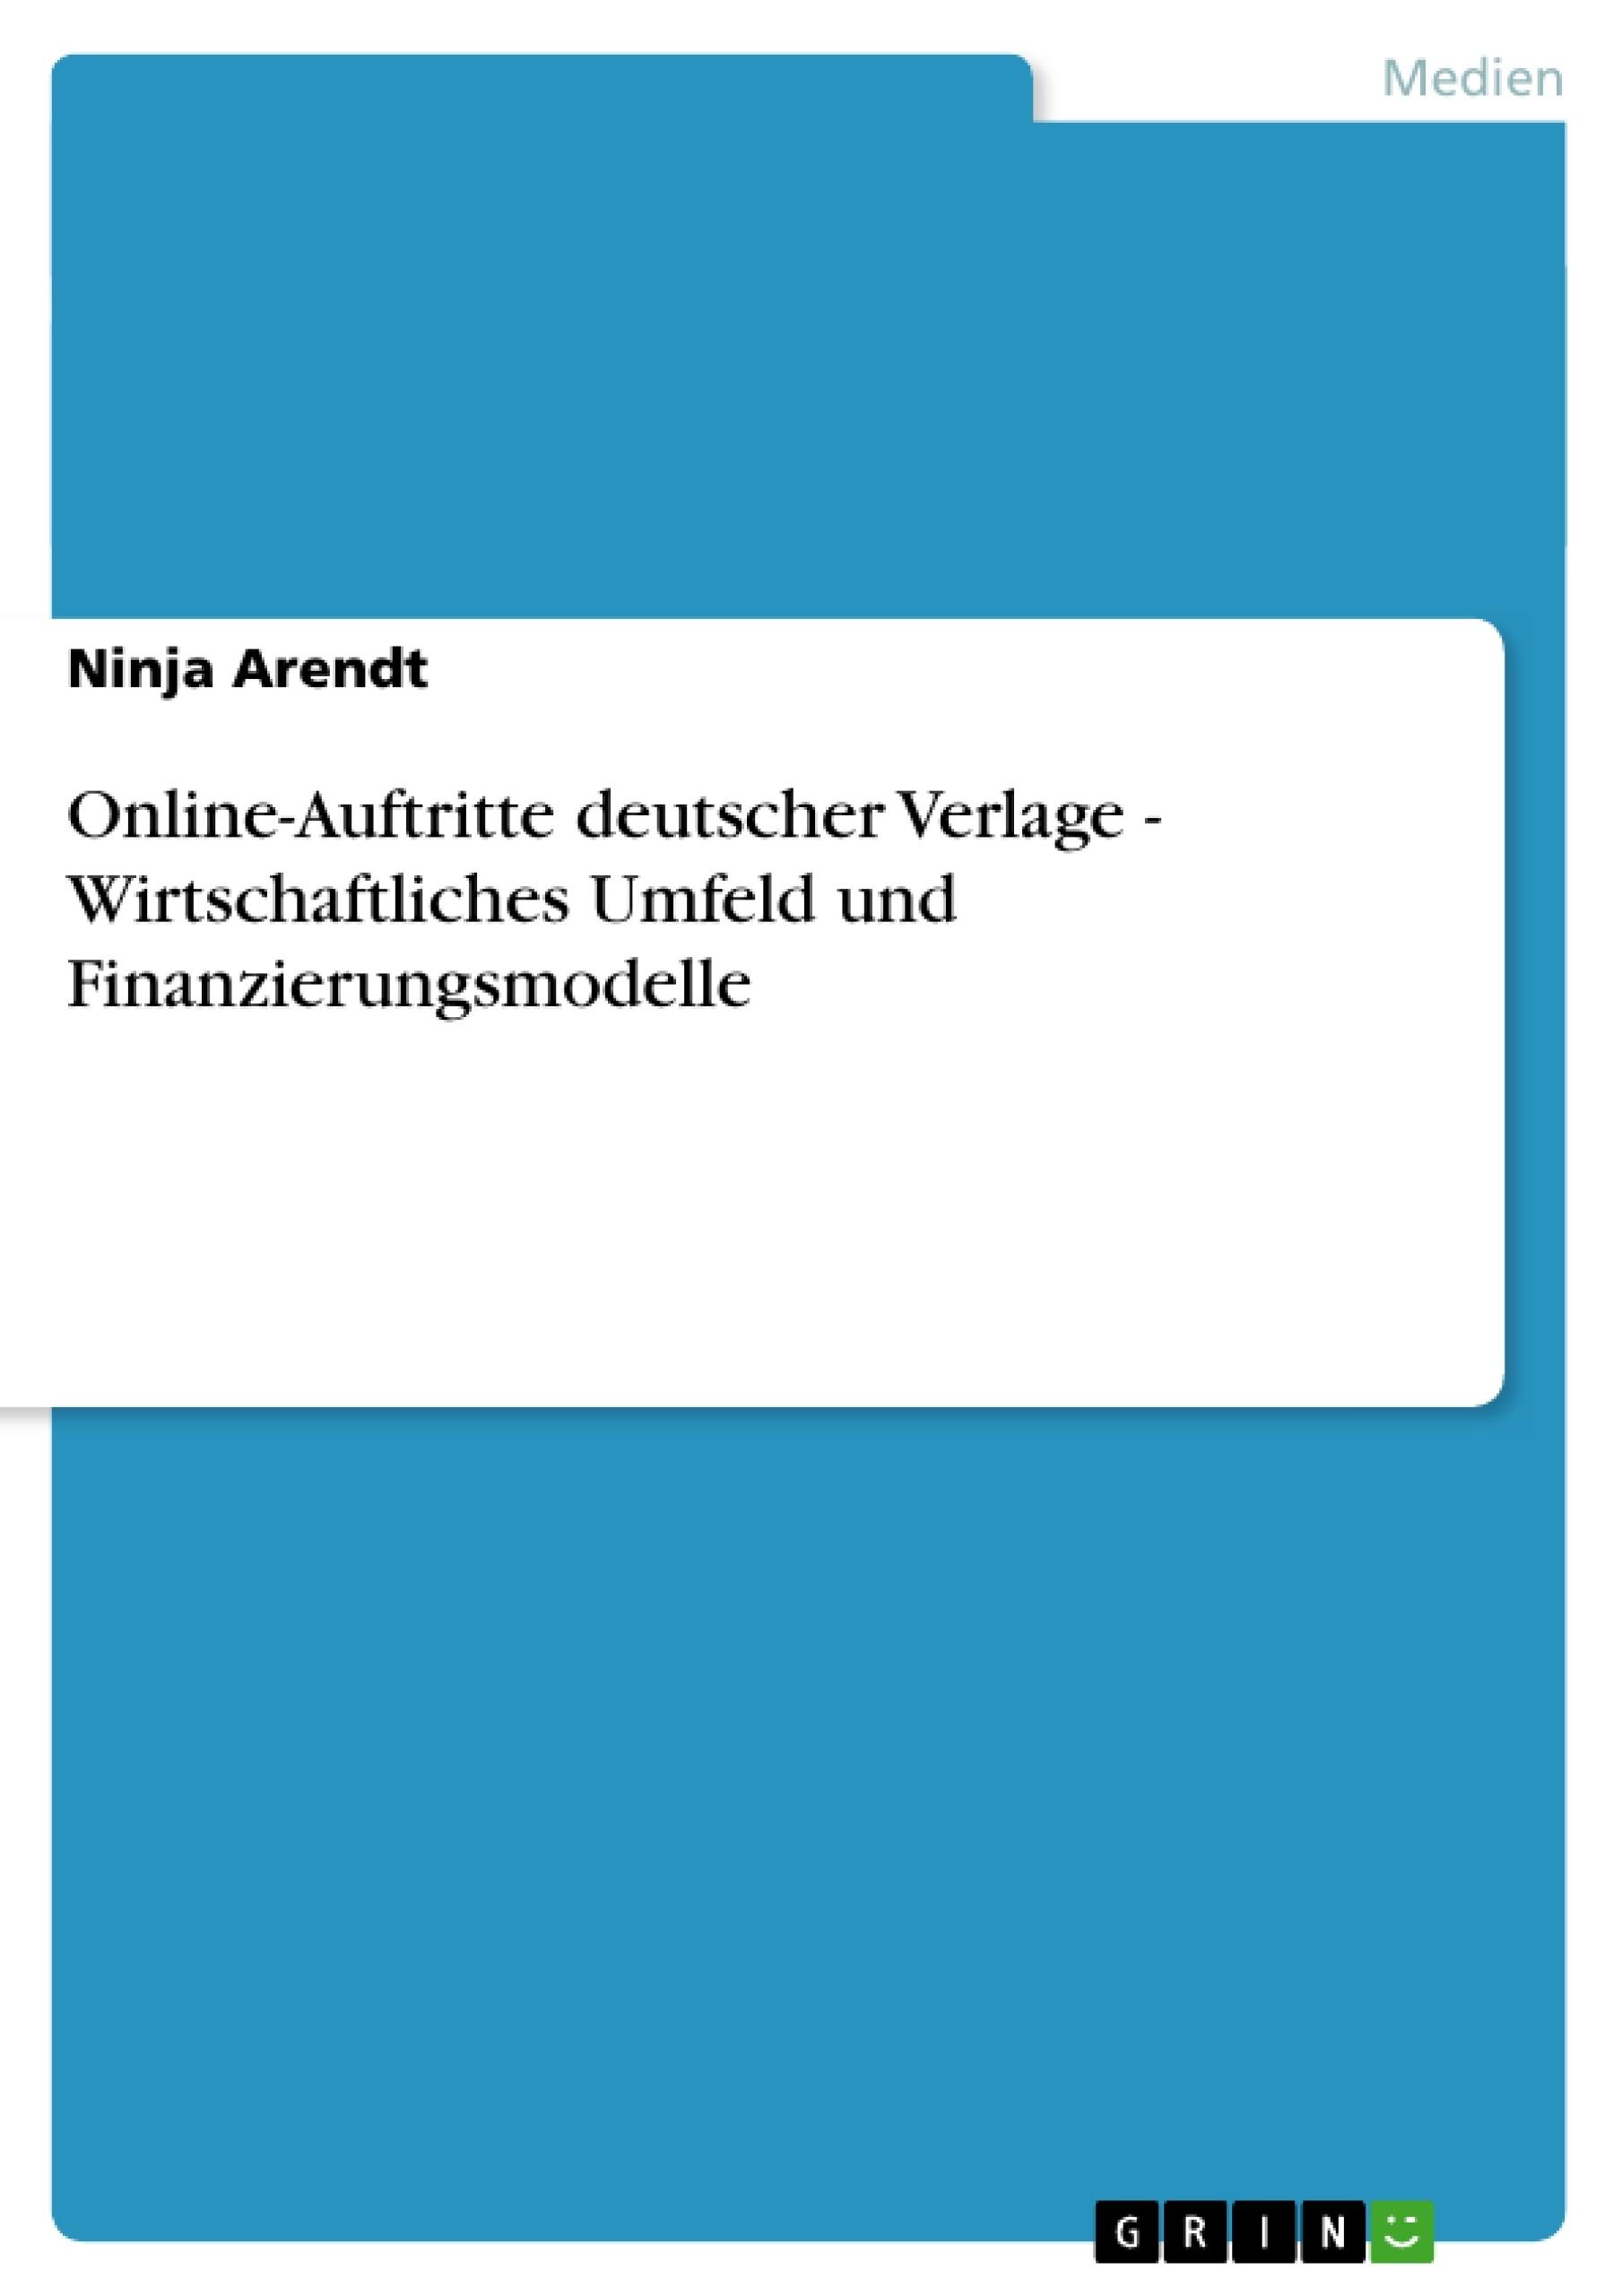 Titel: Online-Auftritte deutscher Verlage - Wirtschaftliches Umfeld und Finanzierungsmodelle